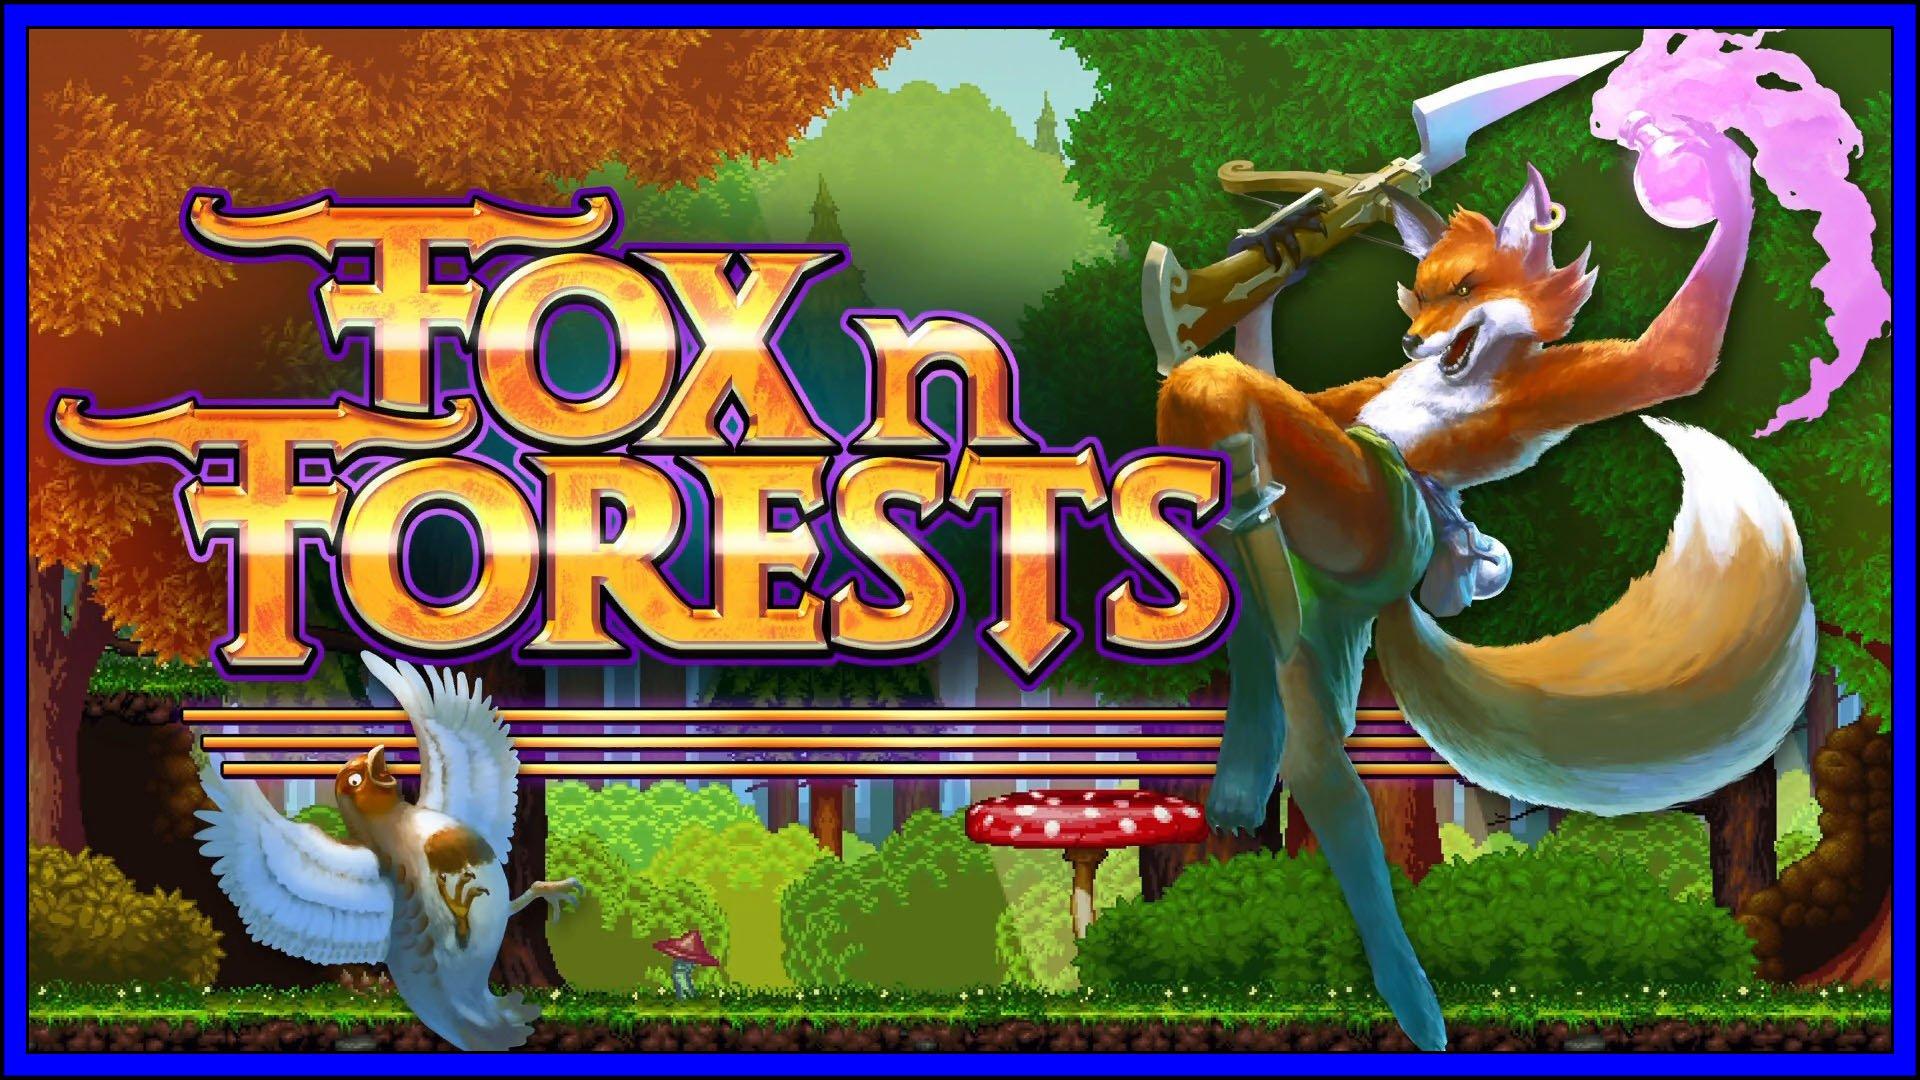 Fox N Forests Fi3